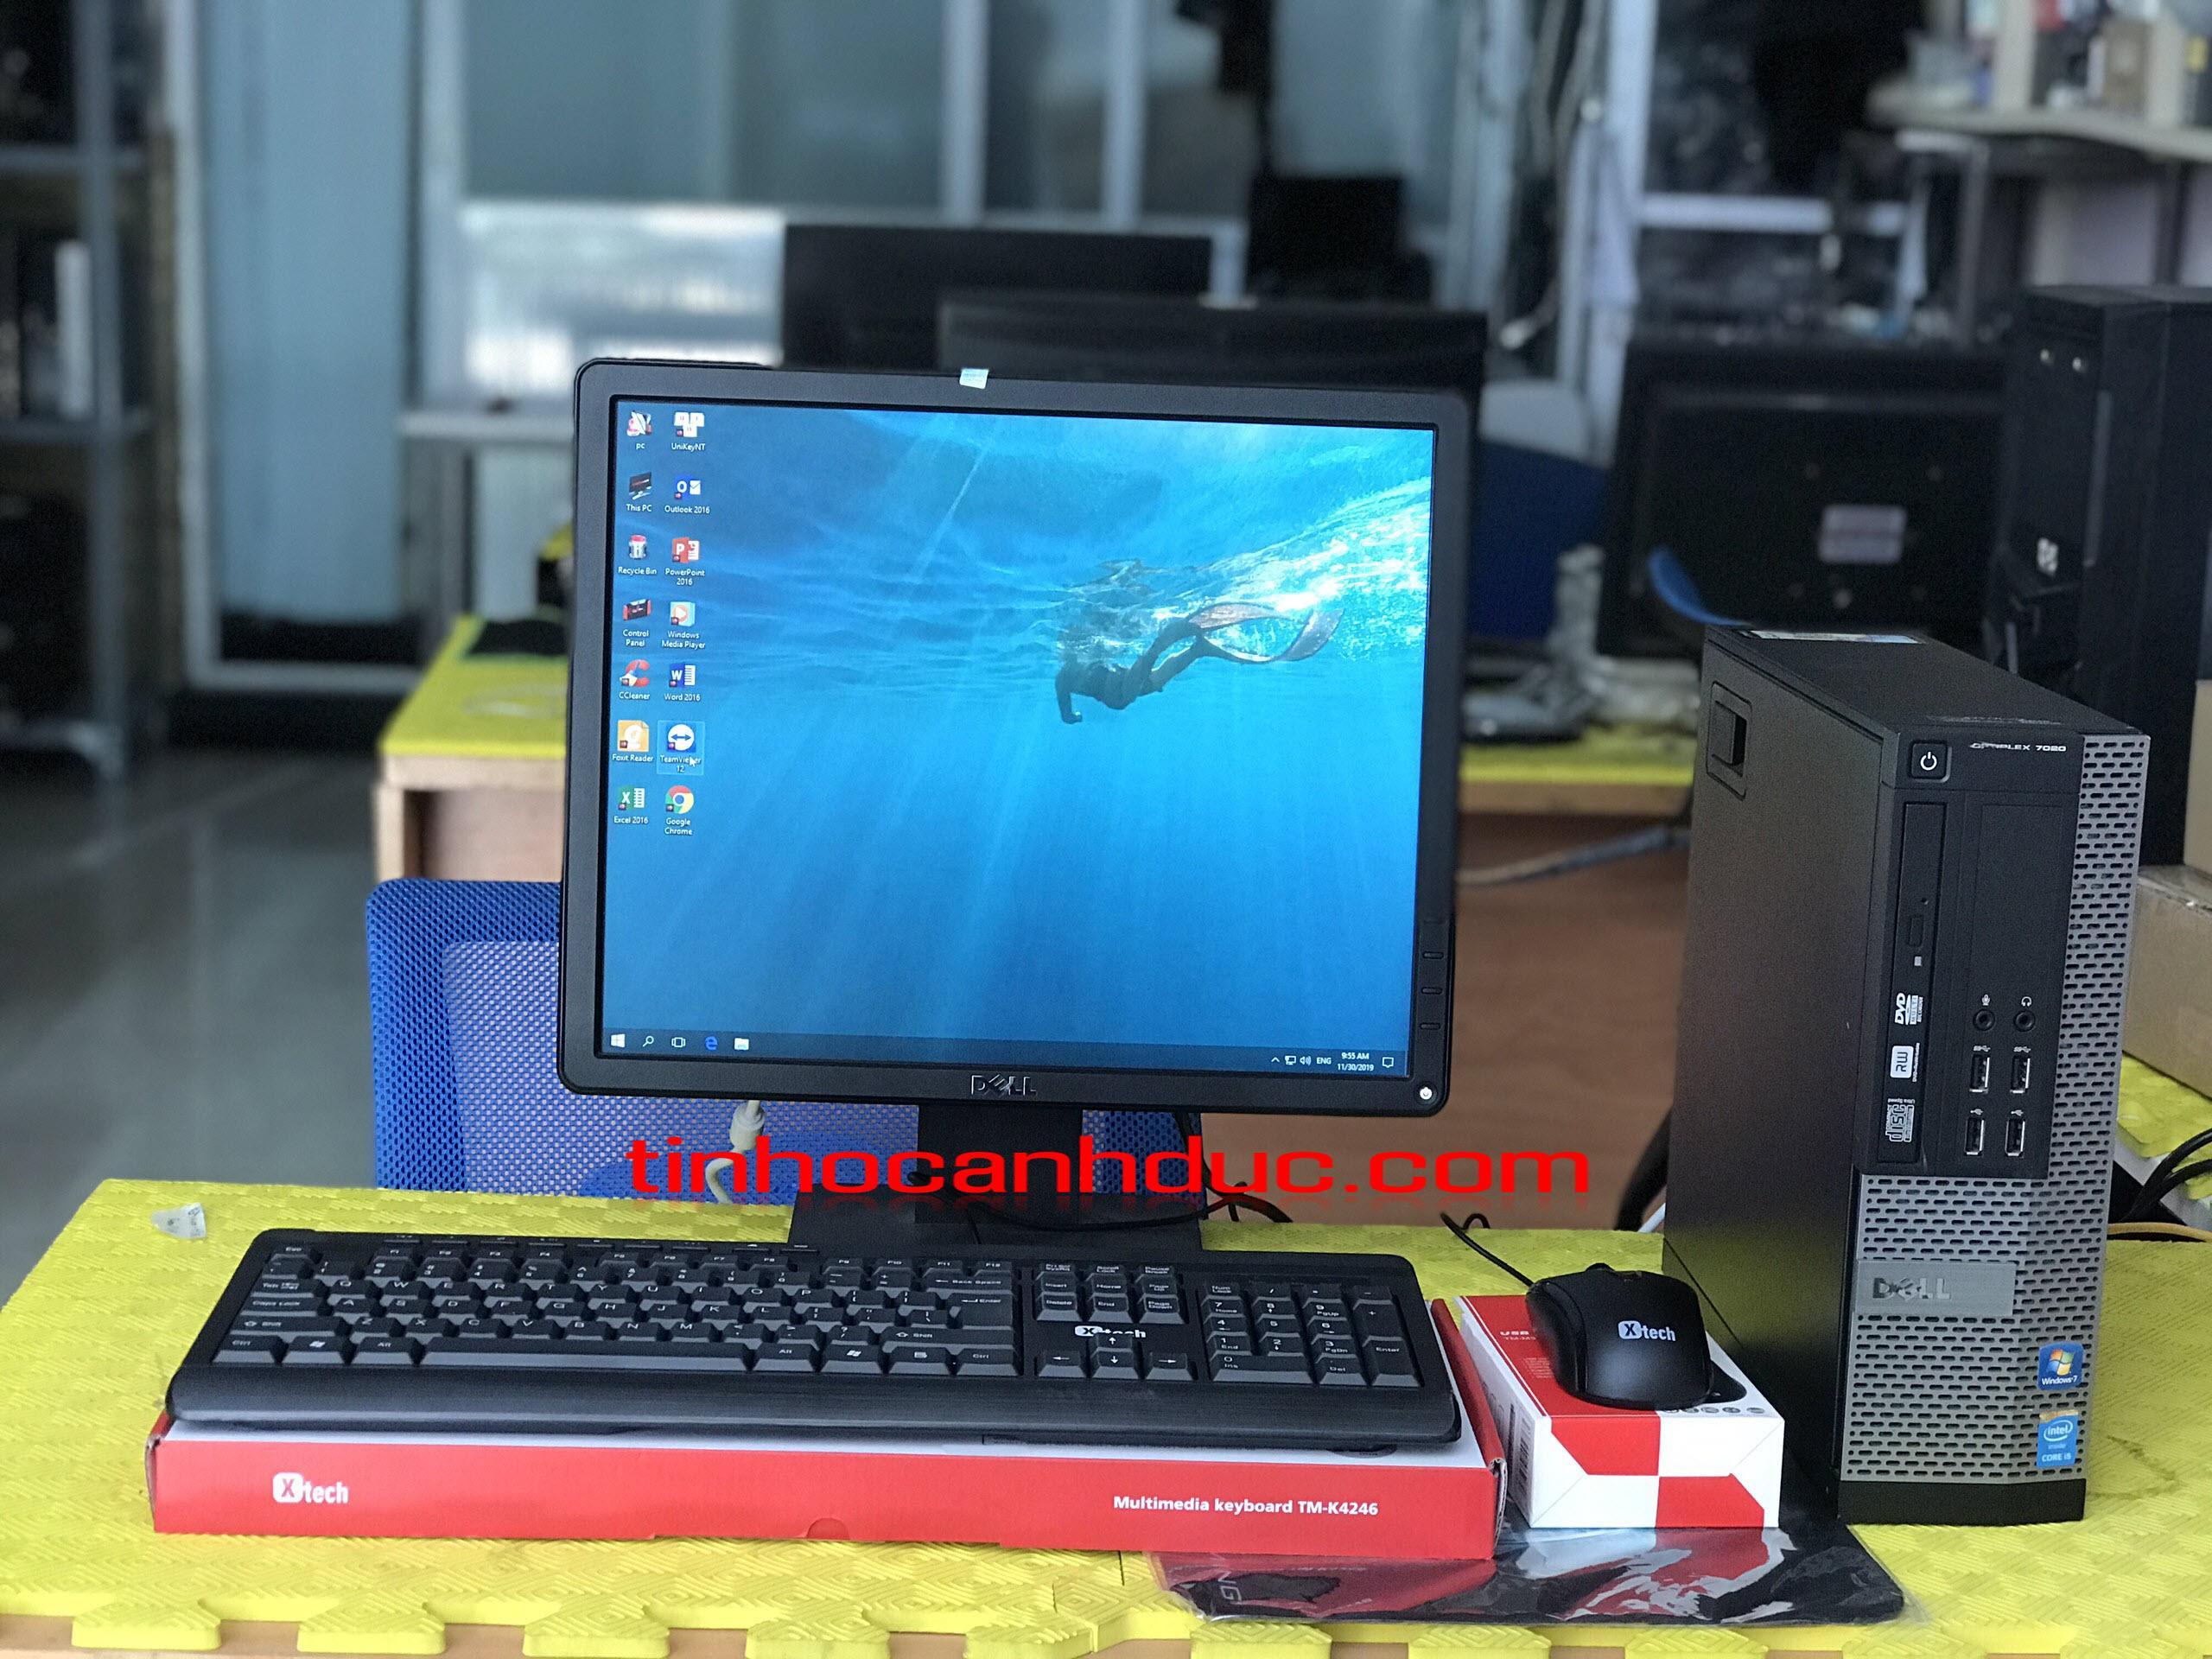 Bộ Máy Tính để Bàn Nâng Cấp Intel® Pentium® G3xxx NHẬP KHẨU TRỌN BỘ CẢ MÀN HÌNH Lướt Web Chạy Siêu Mượt Office, Autocad, Photoshop..... KM LOA NGHE NHẠC CỰC ĐÃ Có Giá Rất Tốt